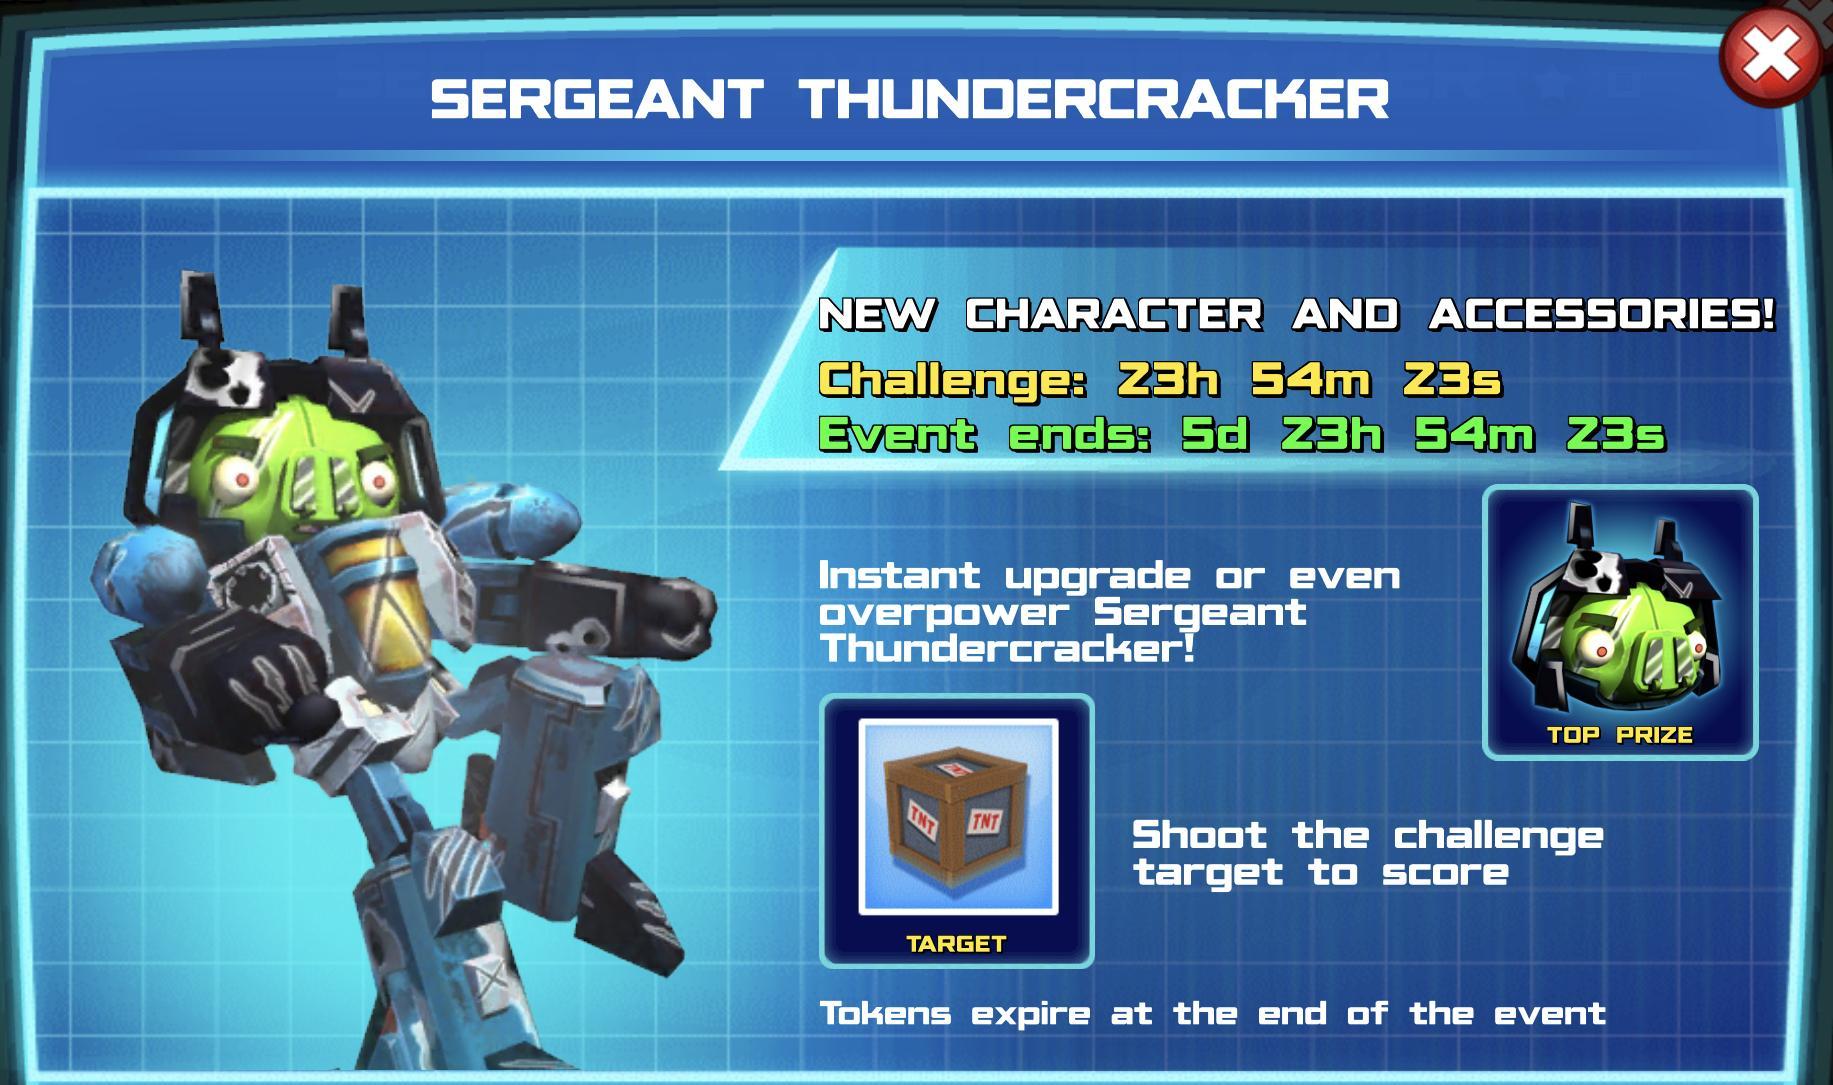 The event banner for Sergeant Thundercracker